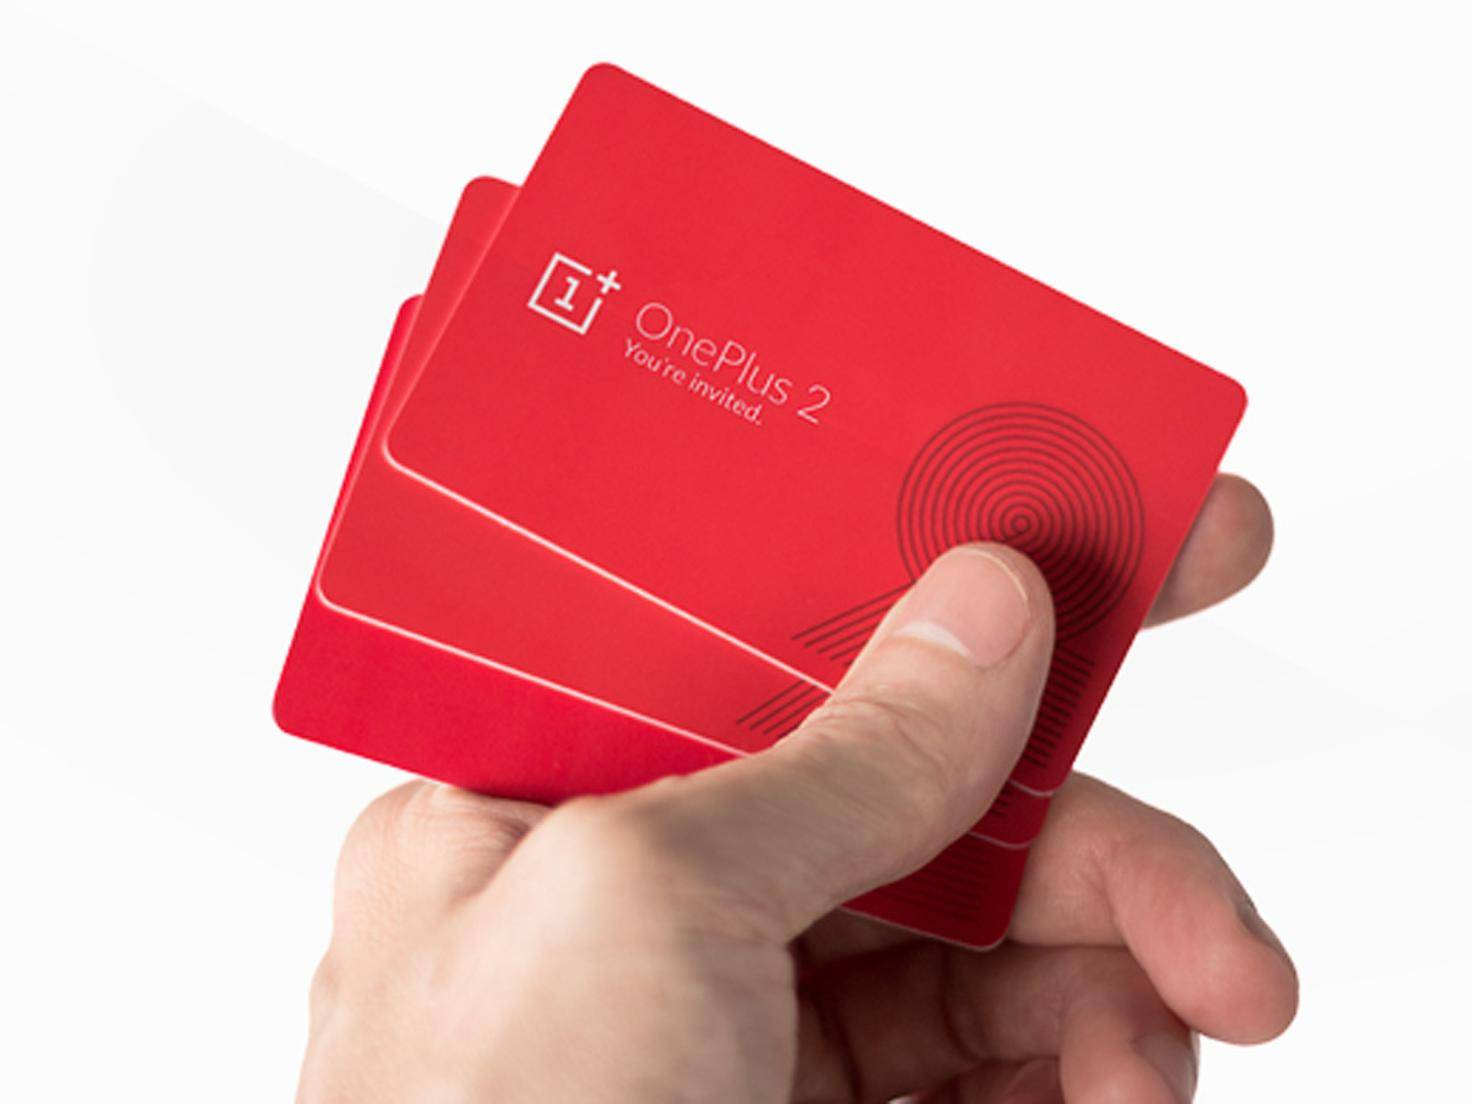 OnePlus 2 Invite